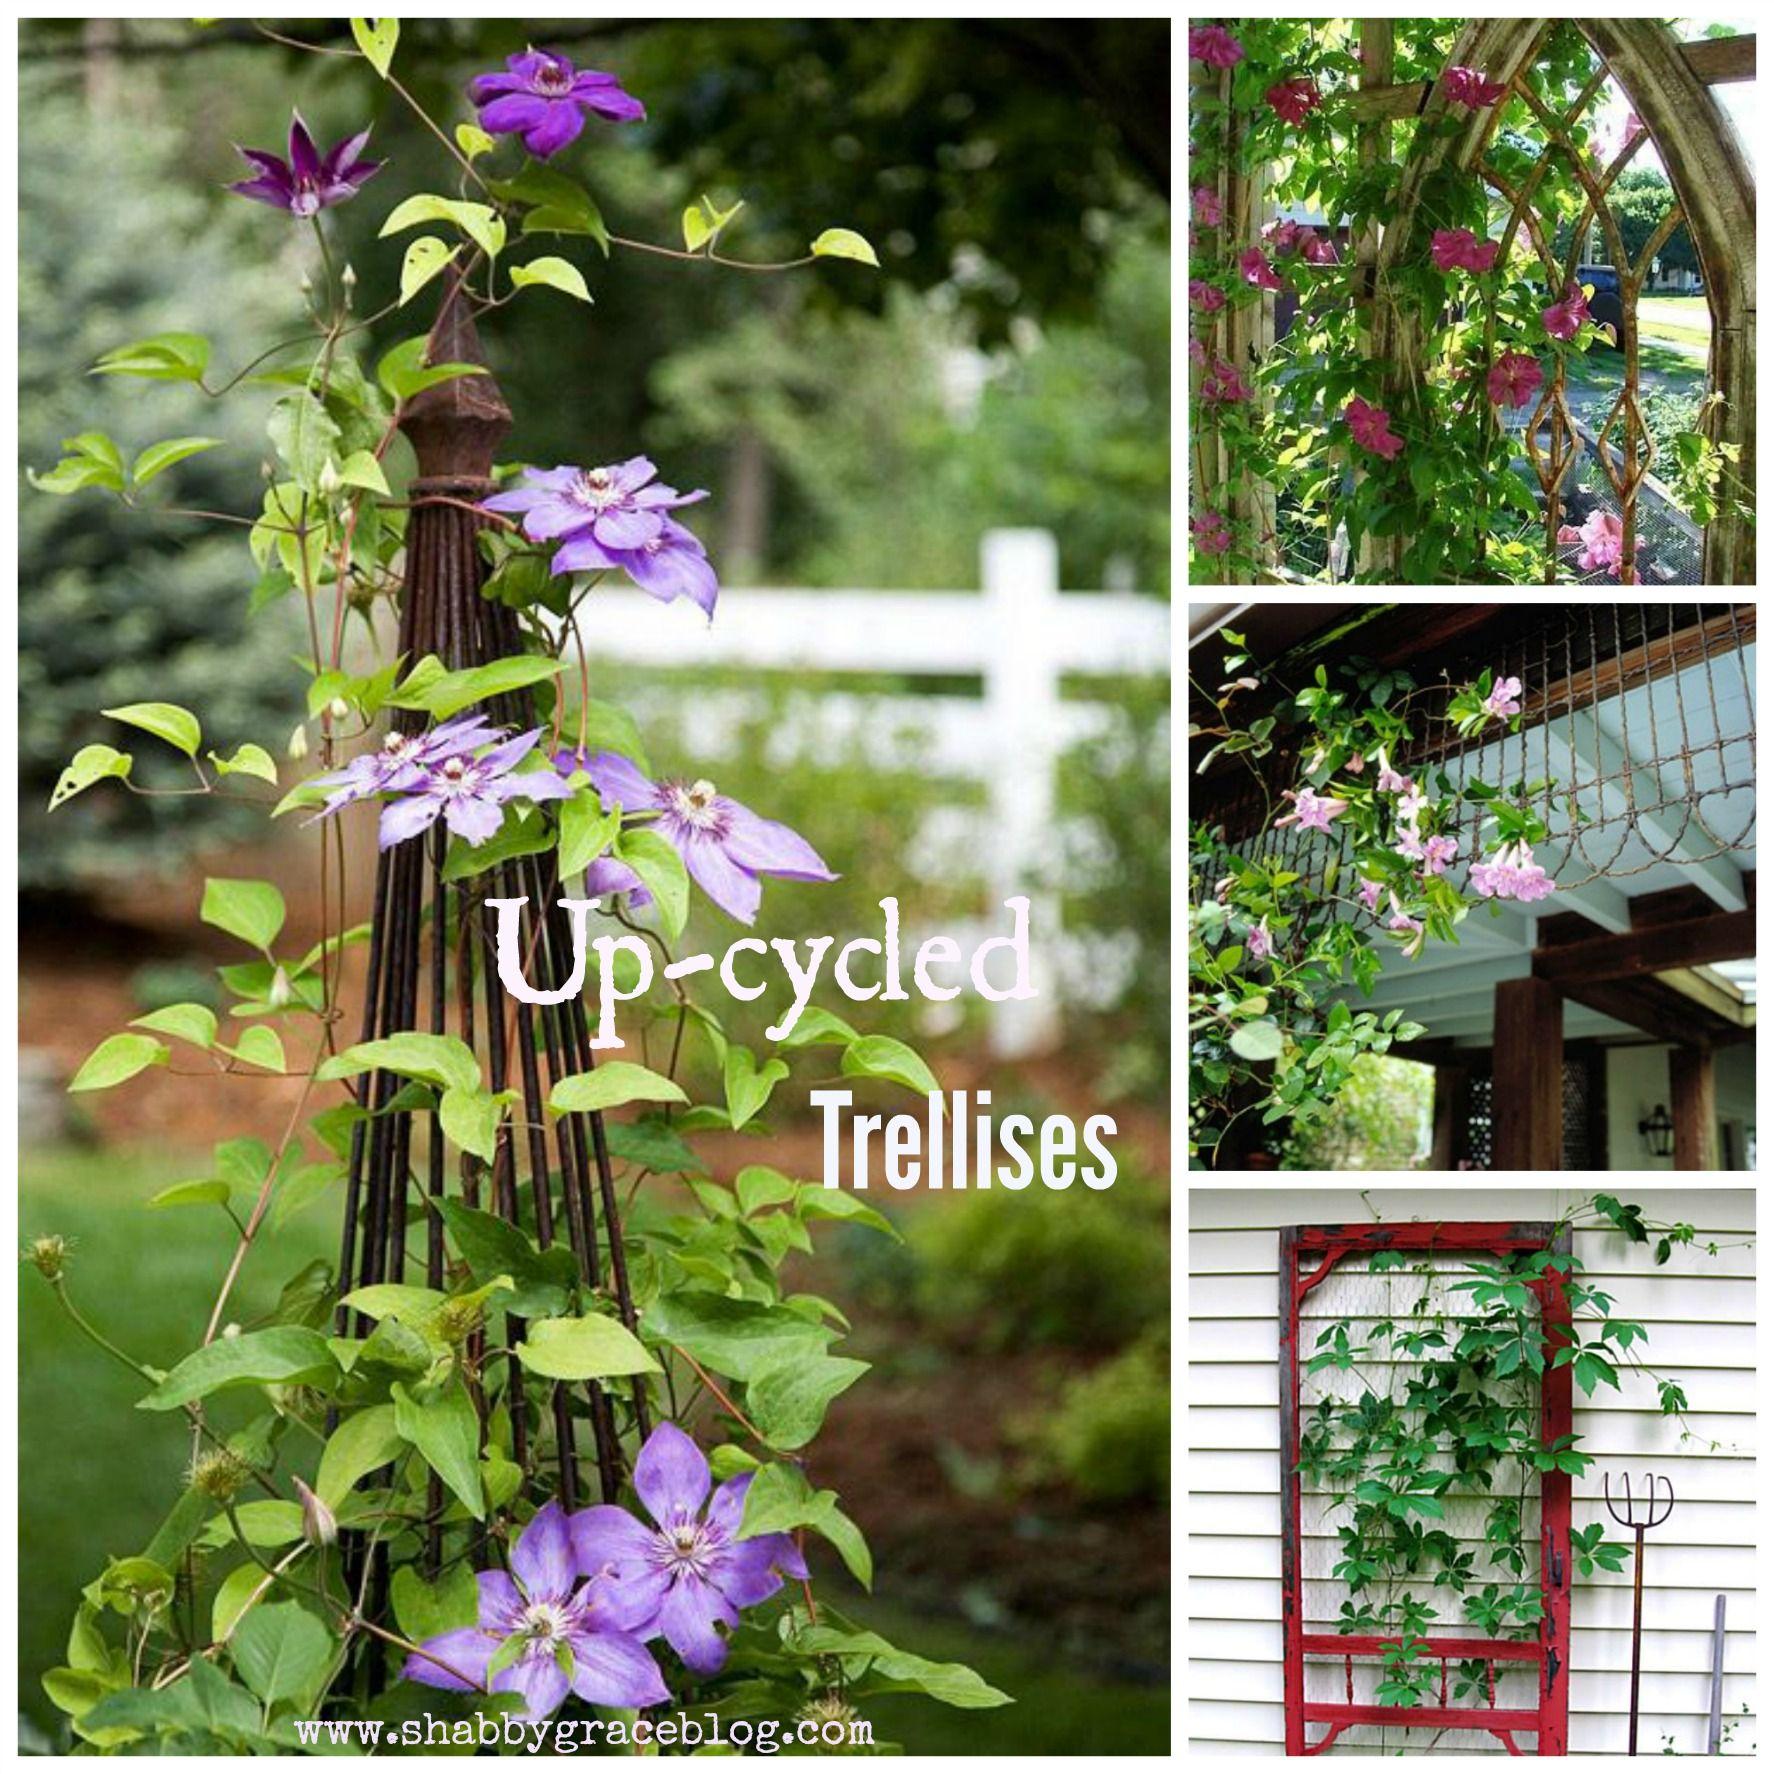 Upcycled Trellises.  www.shabbygraceblog.com